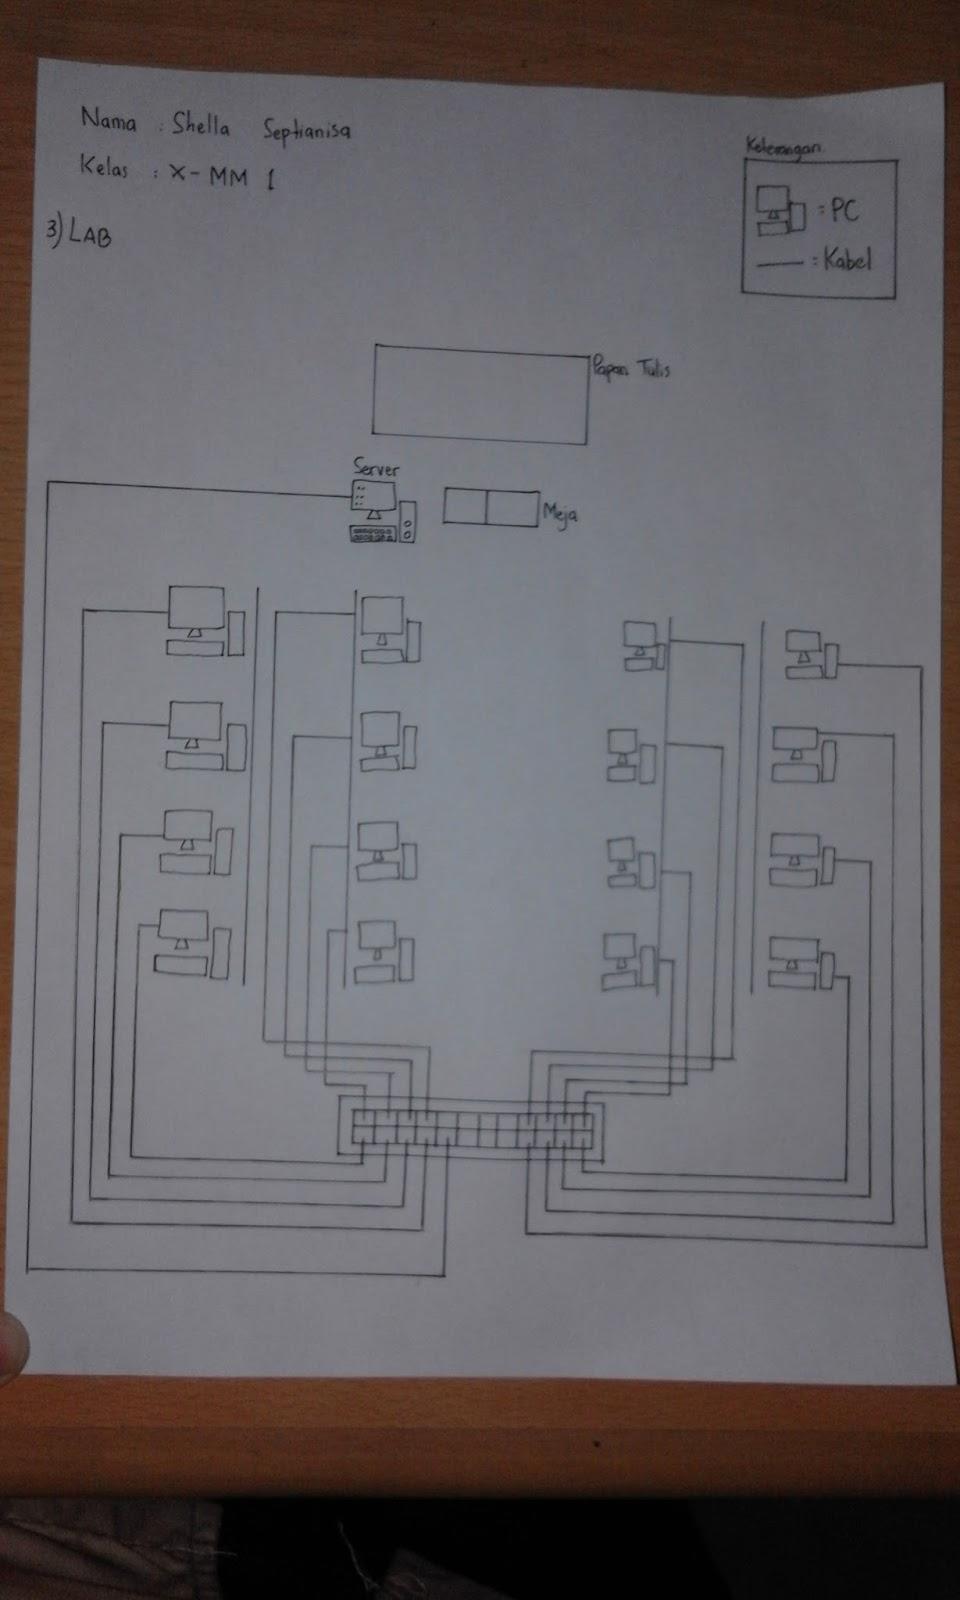 X mm 1 skema jaringan lan dan jaringan man skema sederhana lab ccuart Gallery